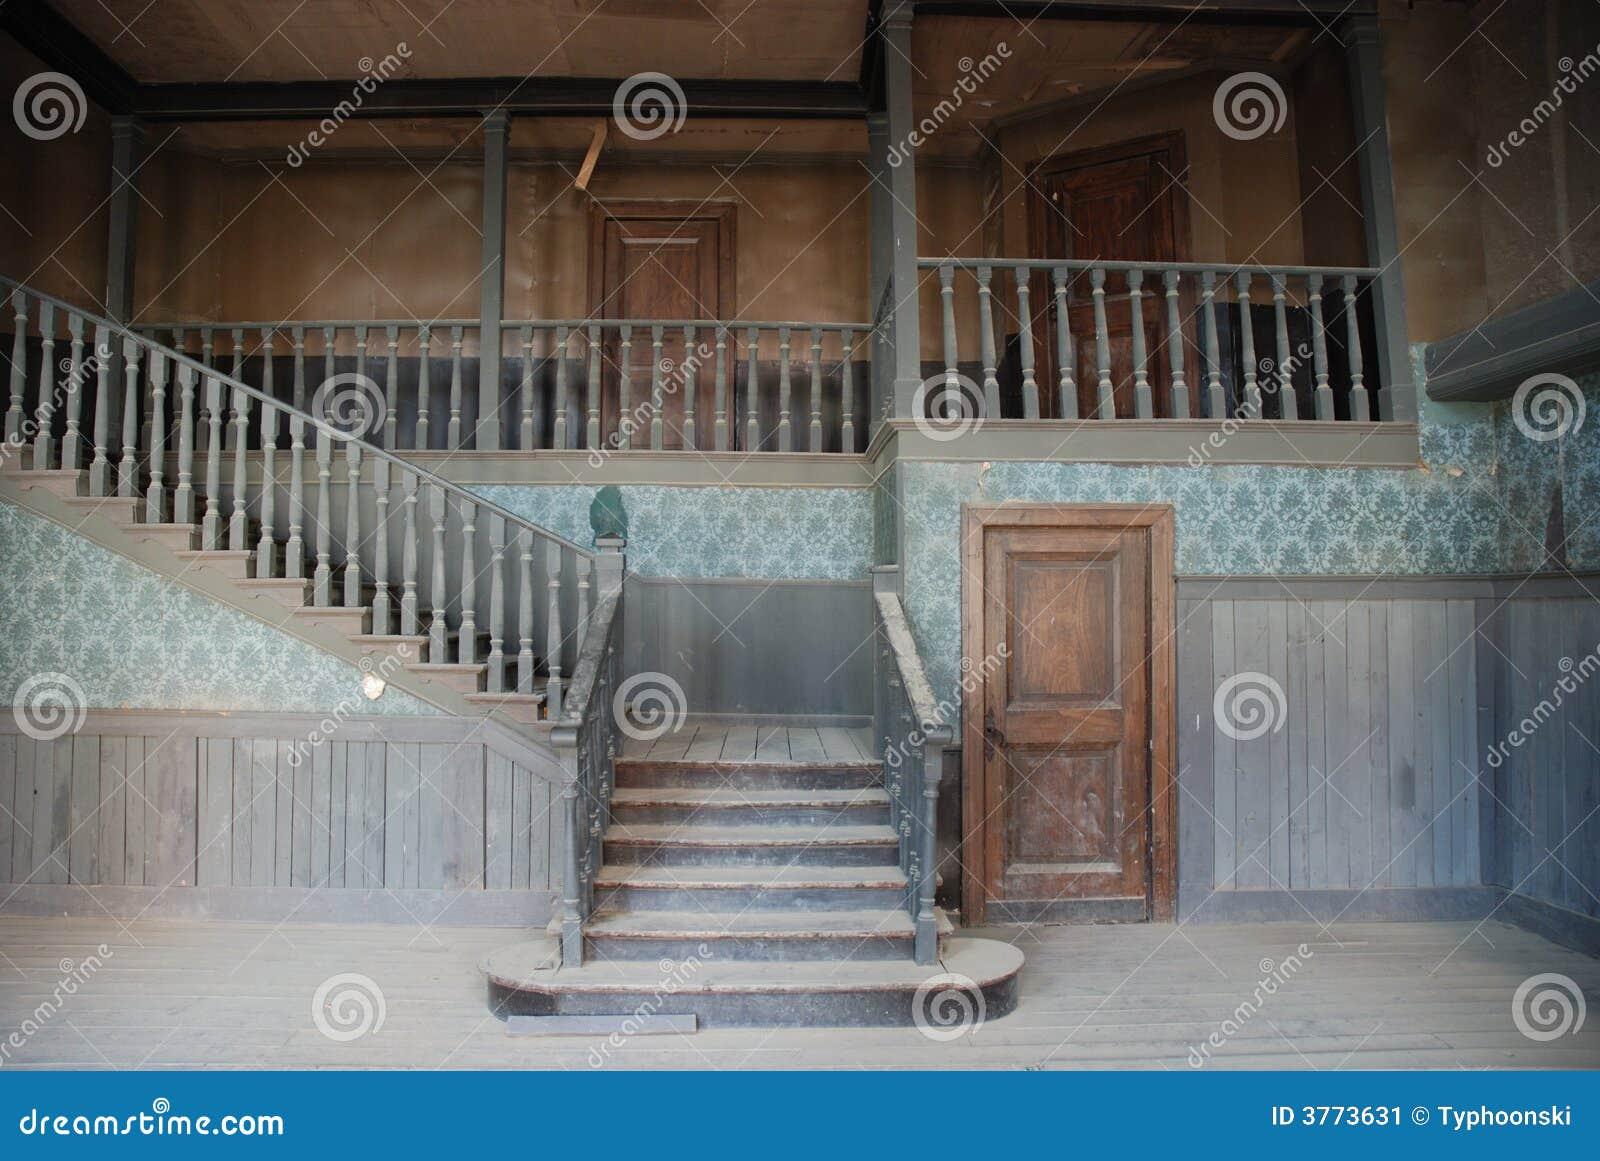 Int rieur d 39 une maison abandonn e image stock image du weathered am rique 3773631 - Interieur d une maison ...